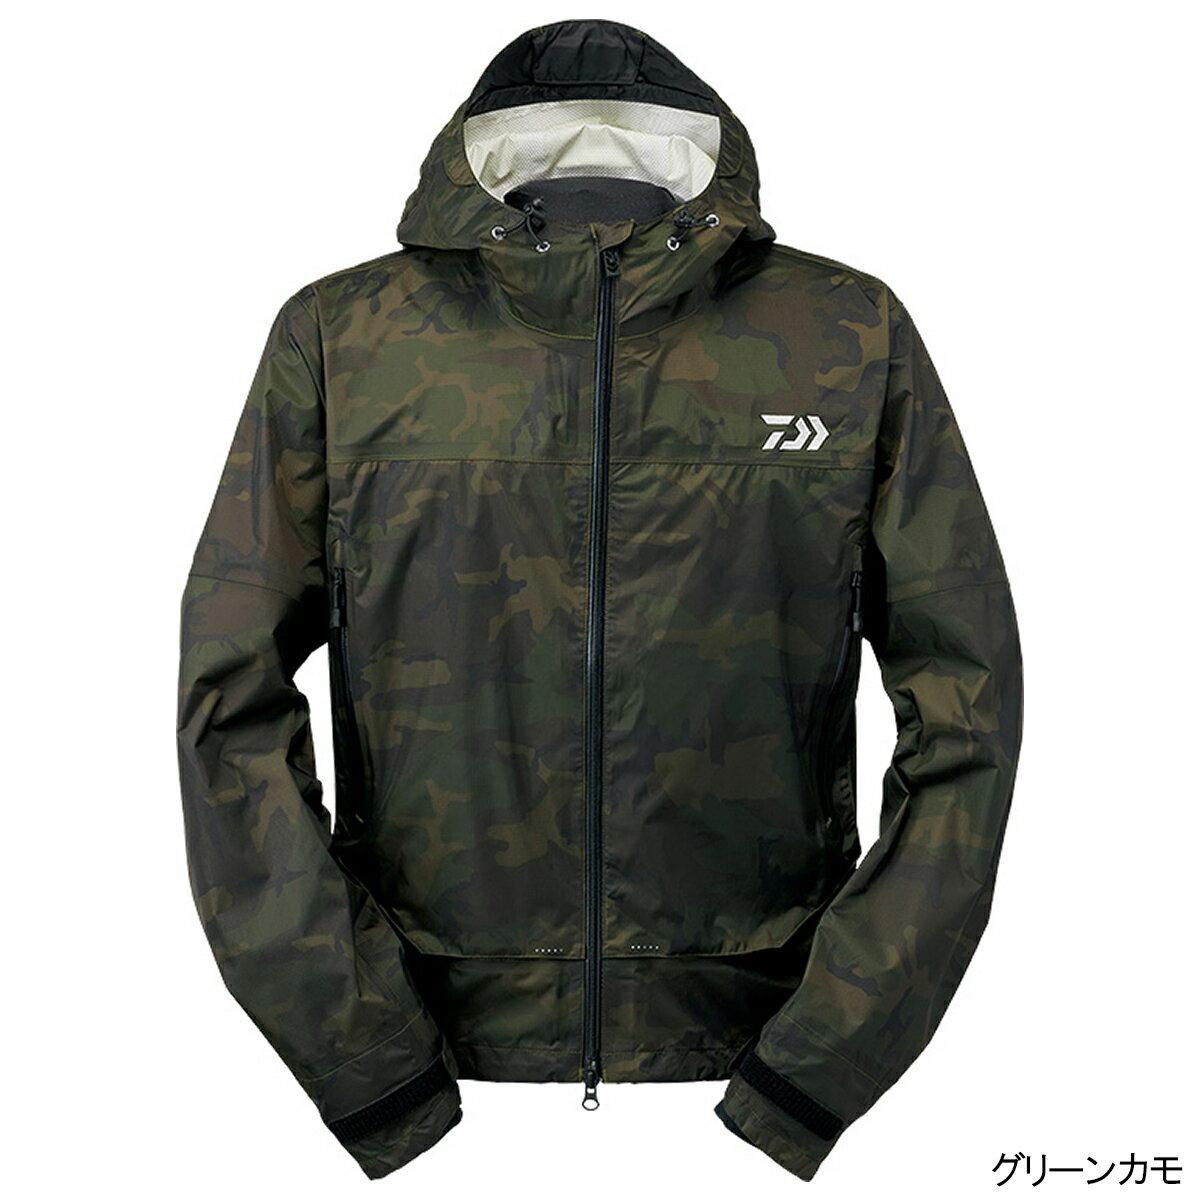 ダイワ レインマックス ショートレインジャケット DR-39009J L グリーンカモ【送料無料】